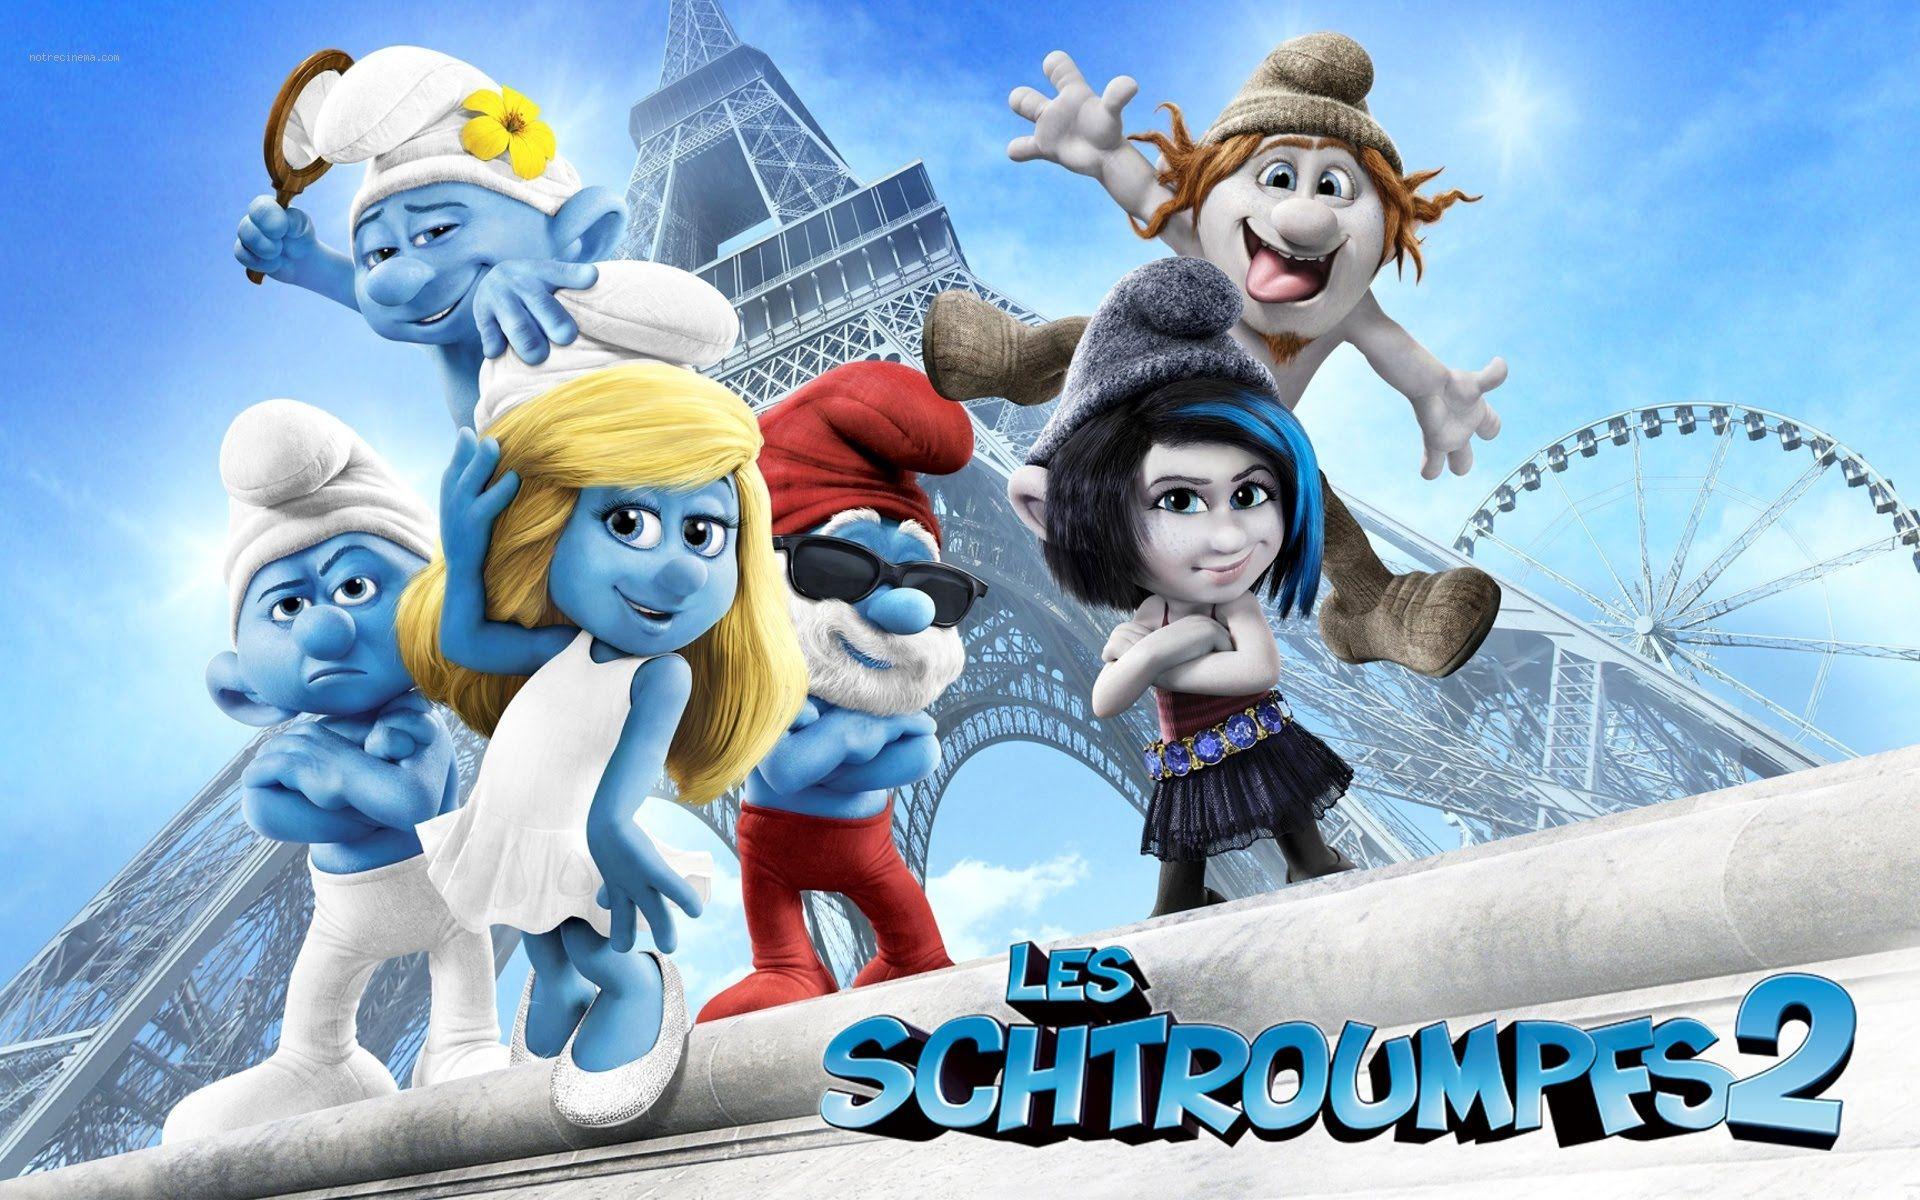 Les Schtroumpfs 2 Le Film Complet En Francais Film D Animation Francais Les Schtroumpfs Les Schtroumpfs 2 Film D Animation